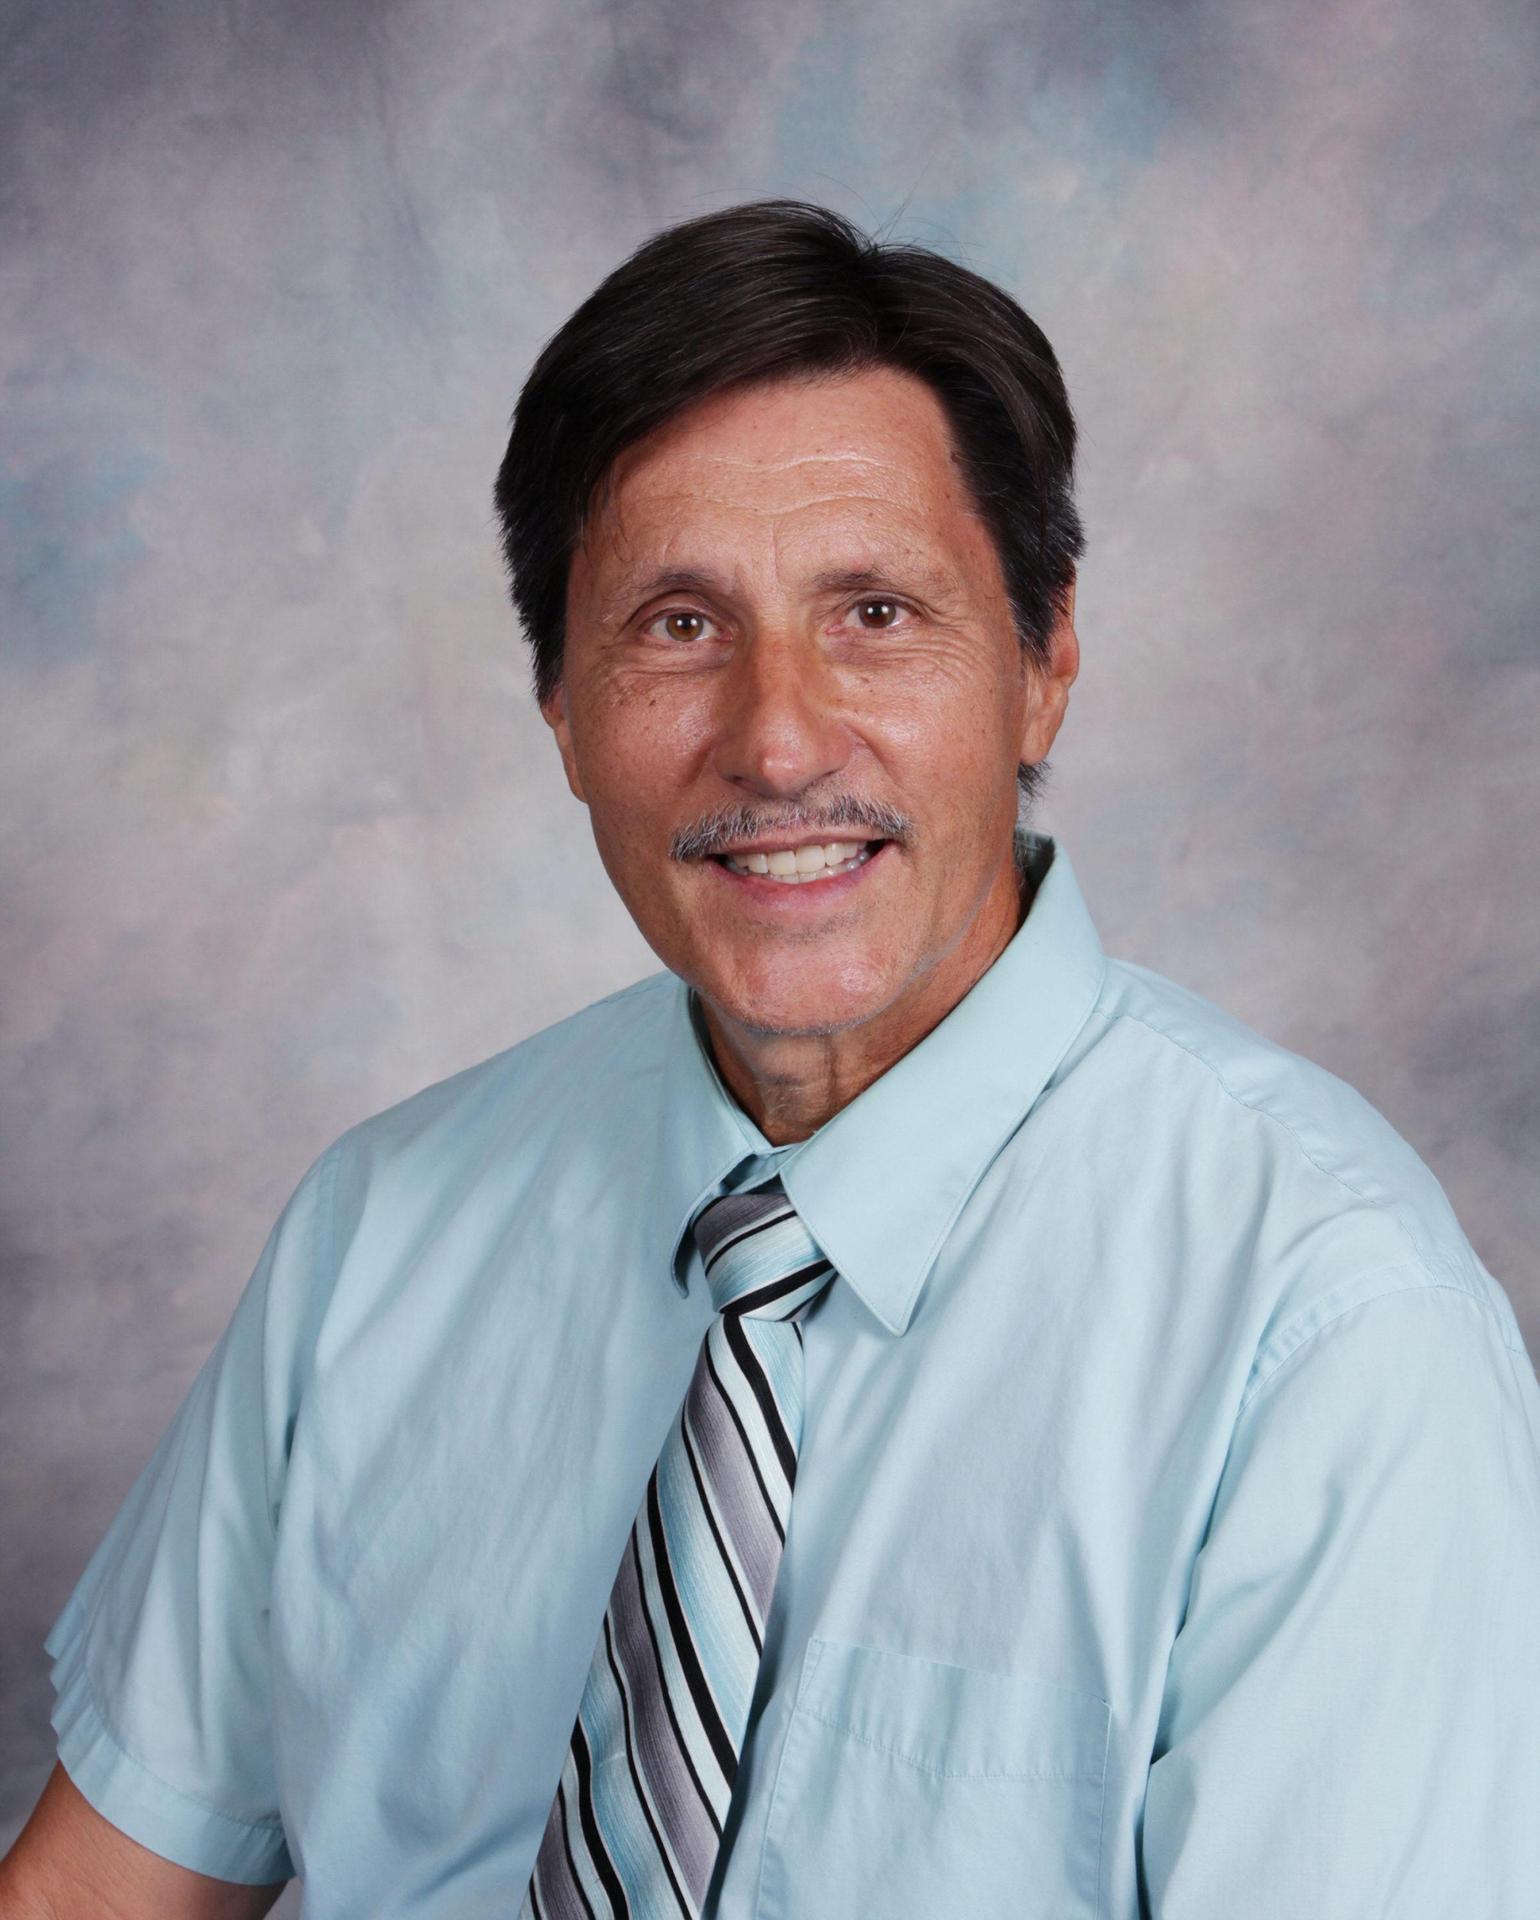 Robert R